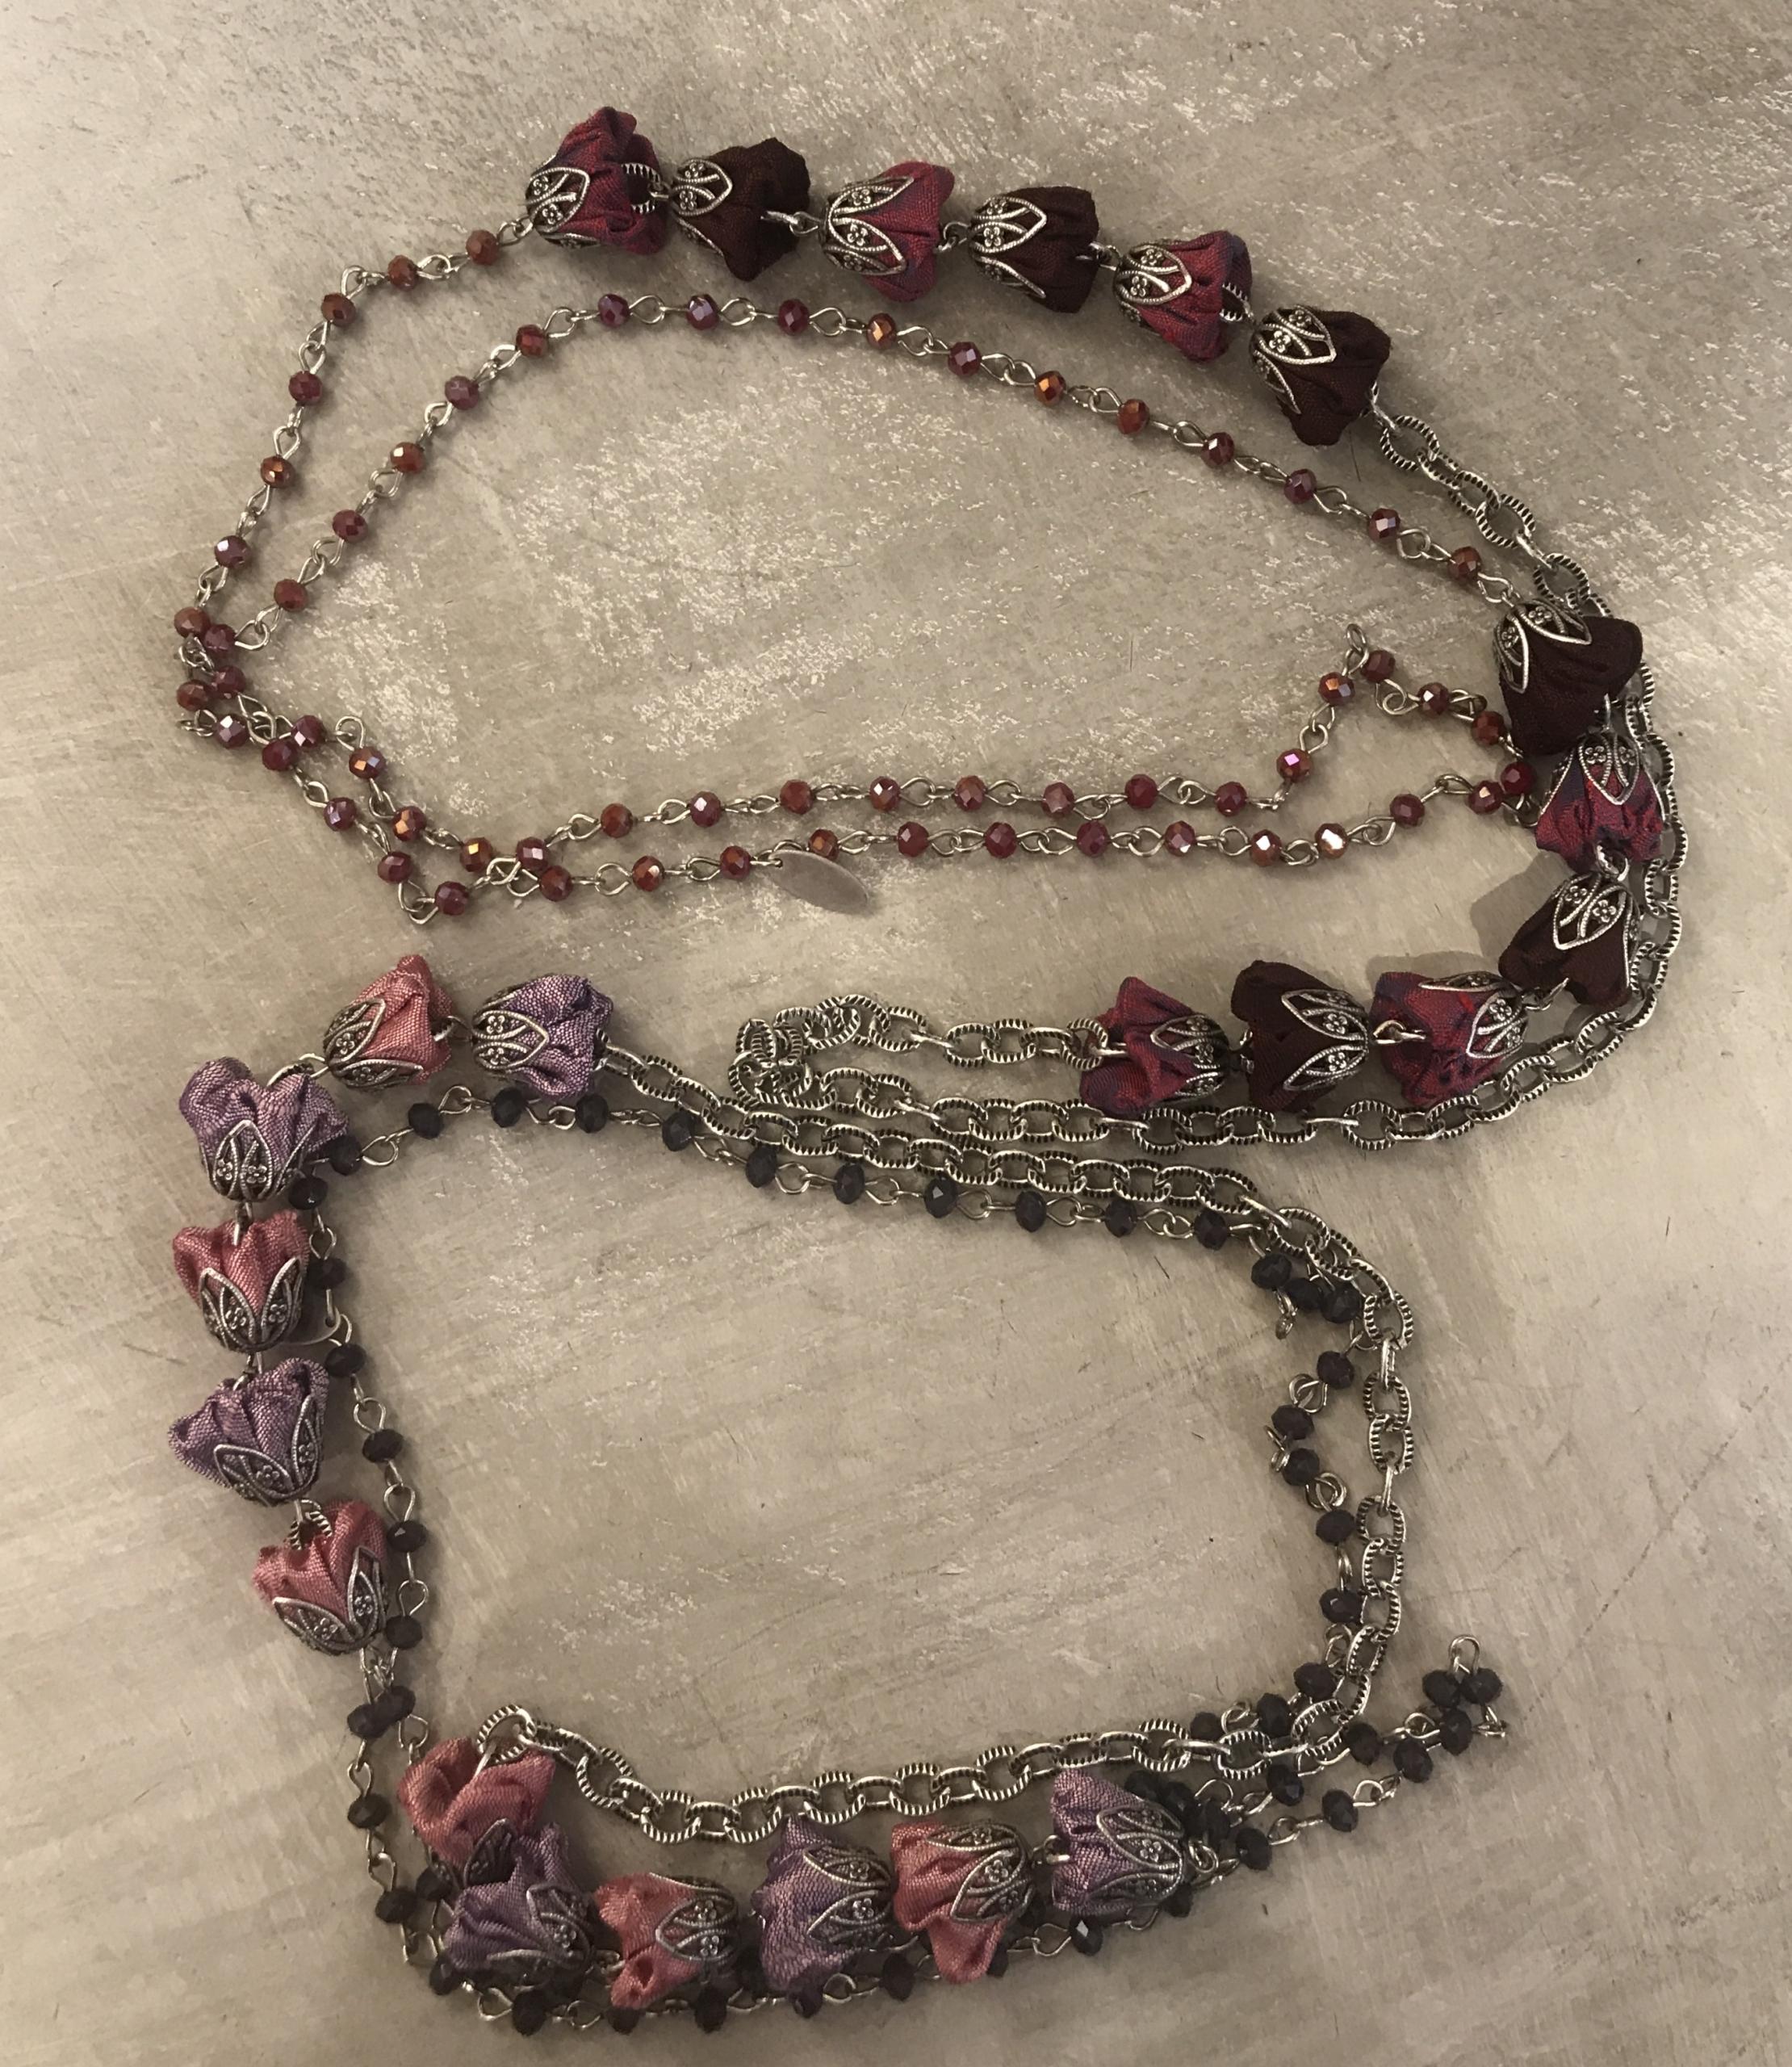 Collana concatenata con cristalli e roselline in shantung